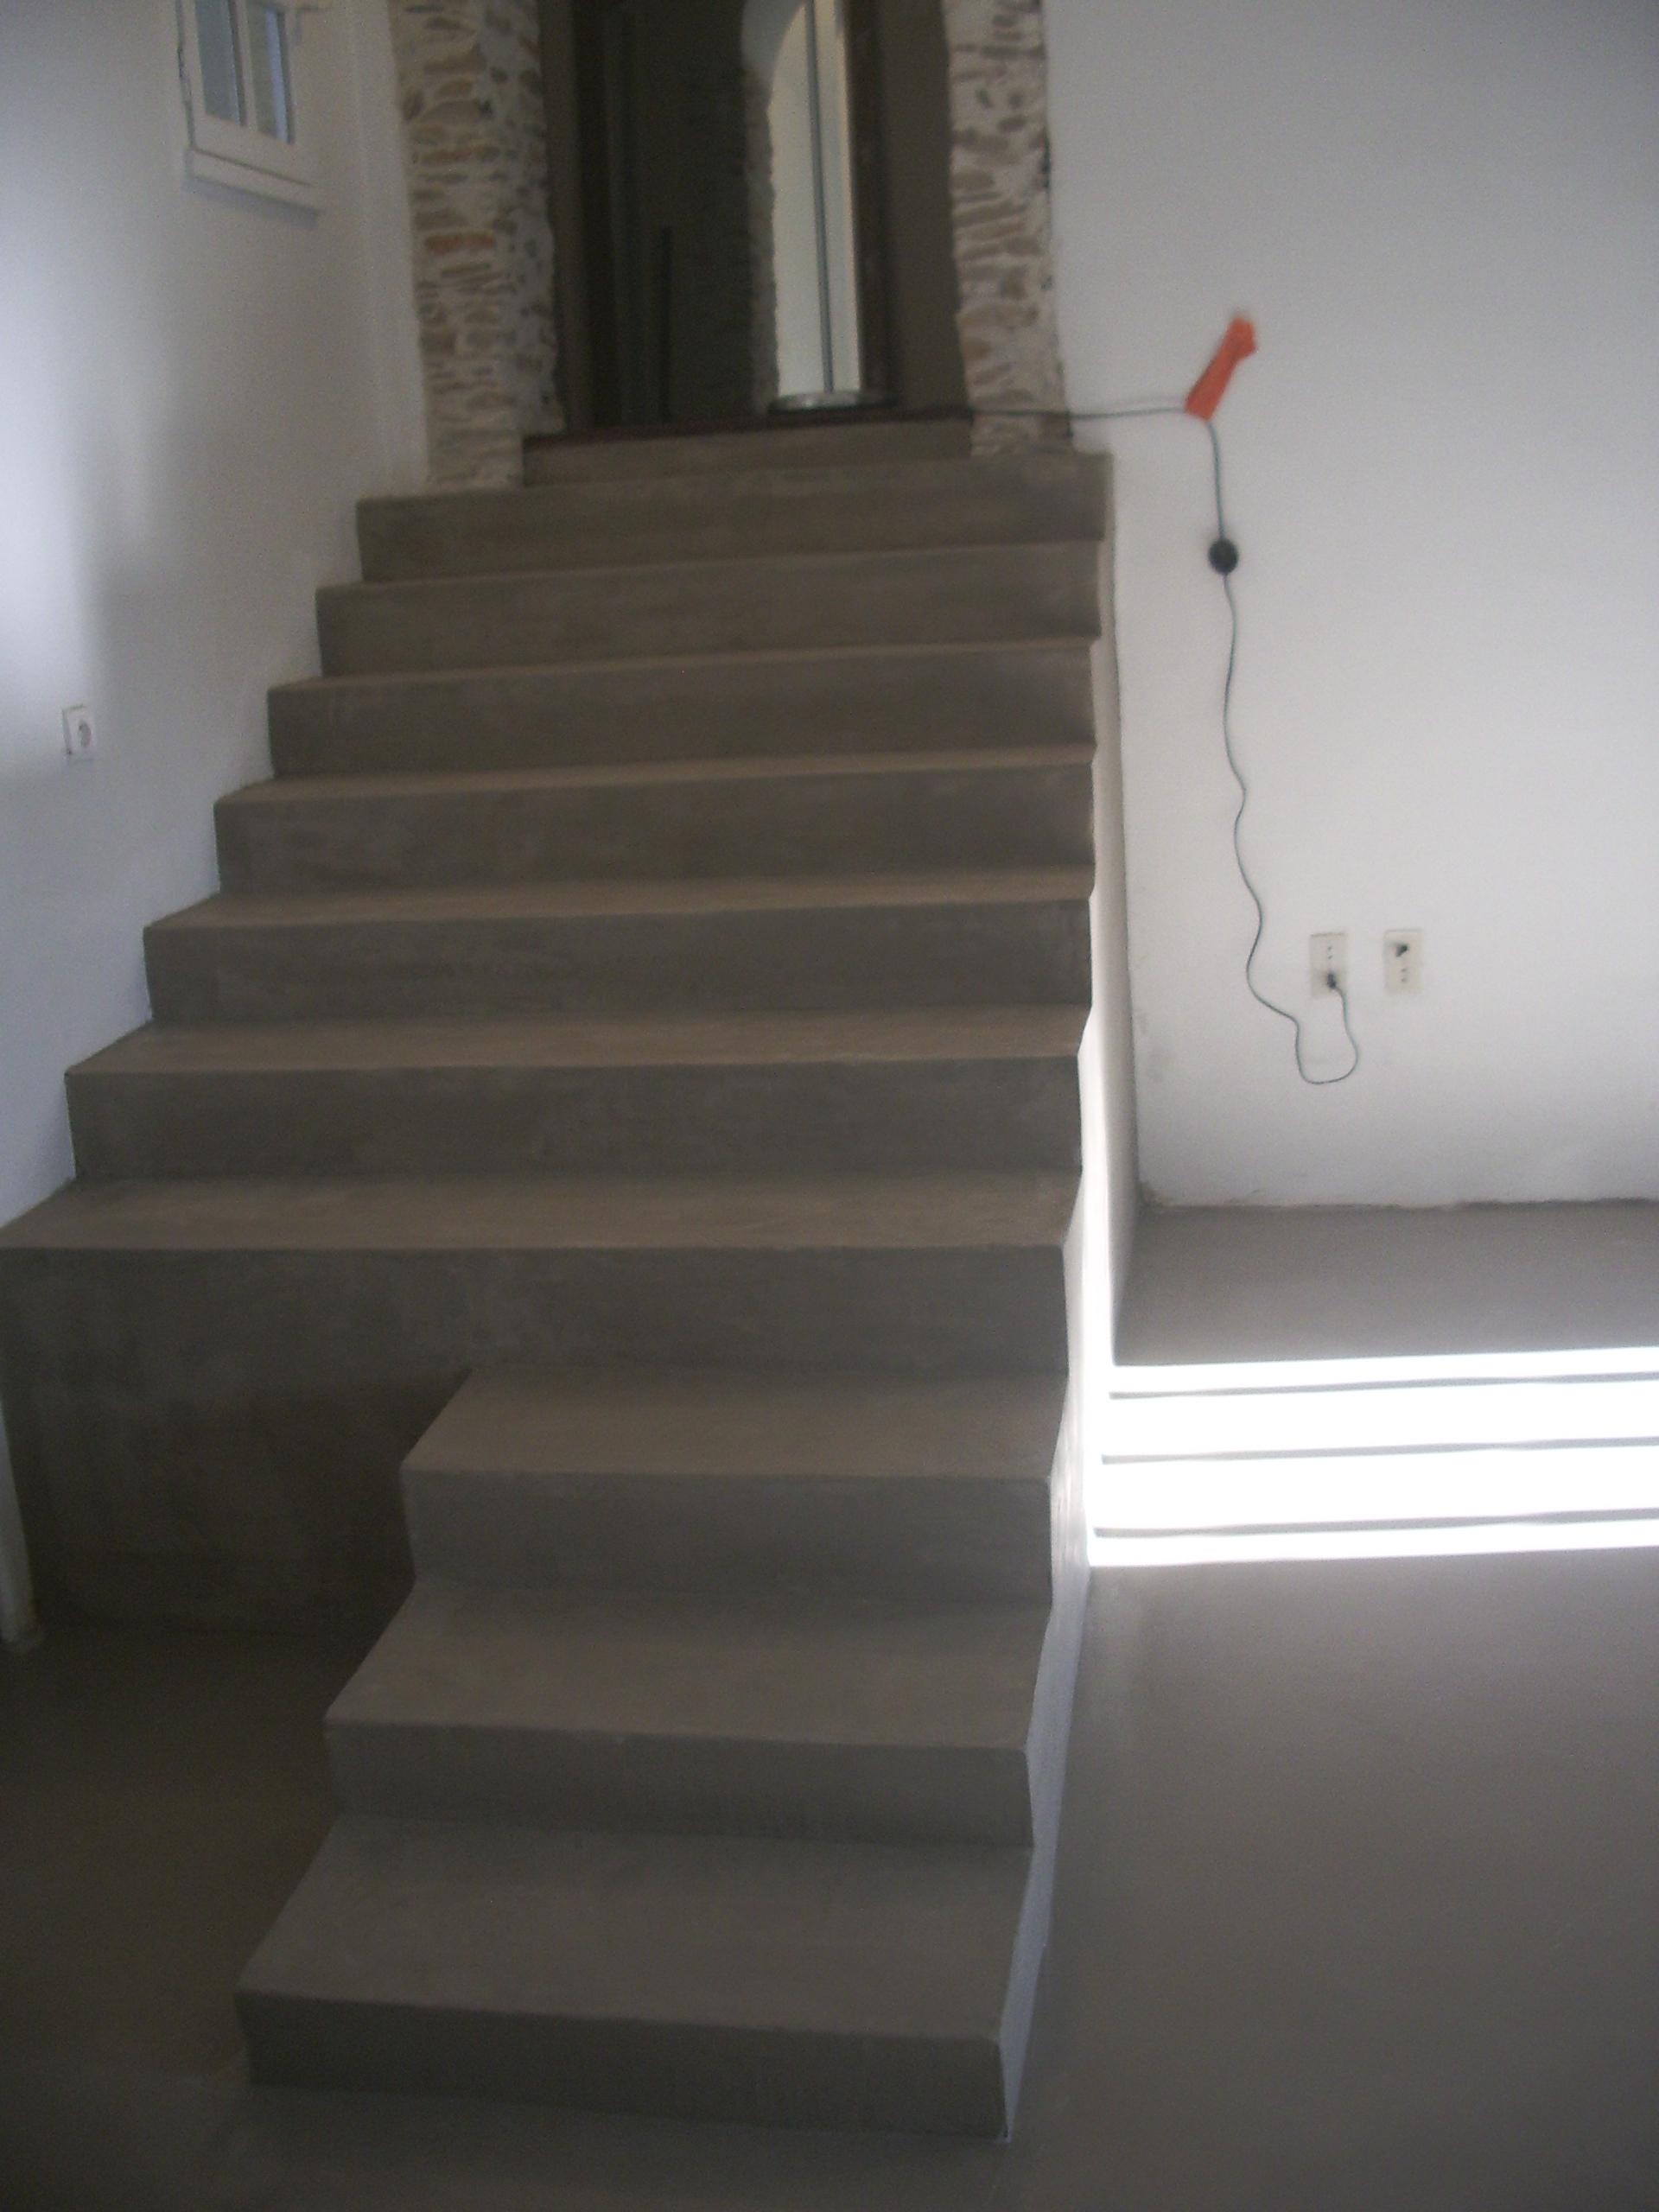 Escalier Interieur Beton Design escalier en béton ciré moderne - revêtement sol et mur nîmes